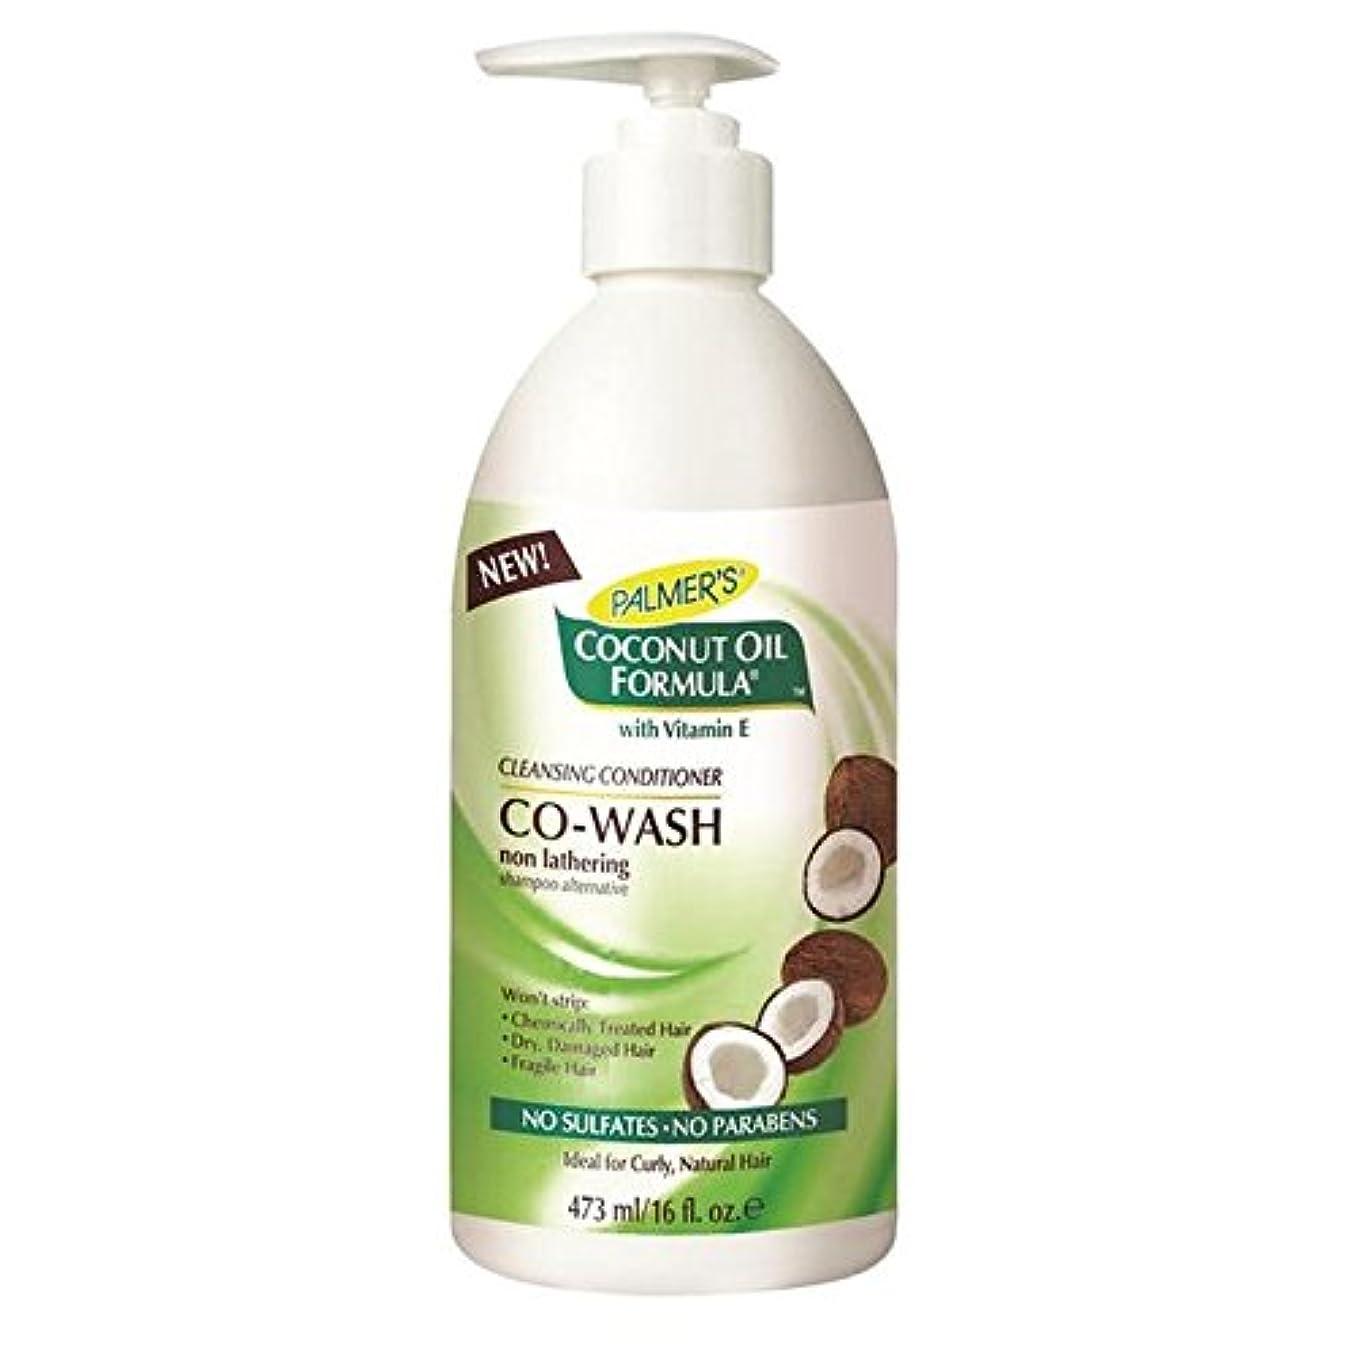 倒錯経験的国Palmer's Coconut Formula Co-Wash Cleansing Conditioner, Shampoo Alternative 473ml (Pack of 6) - パーマーのココナッツ式コウォッシュクレンジングコンディショナー...